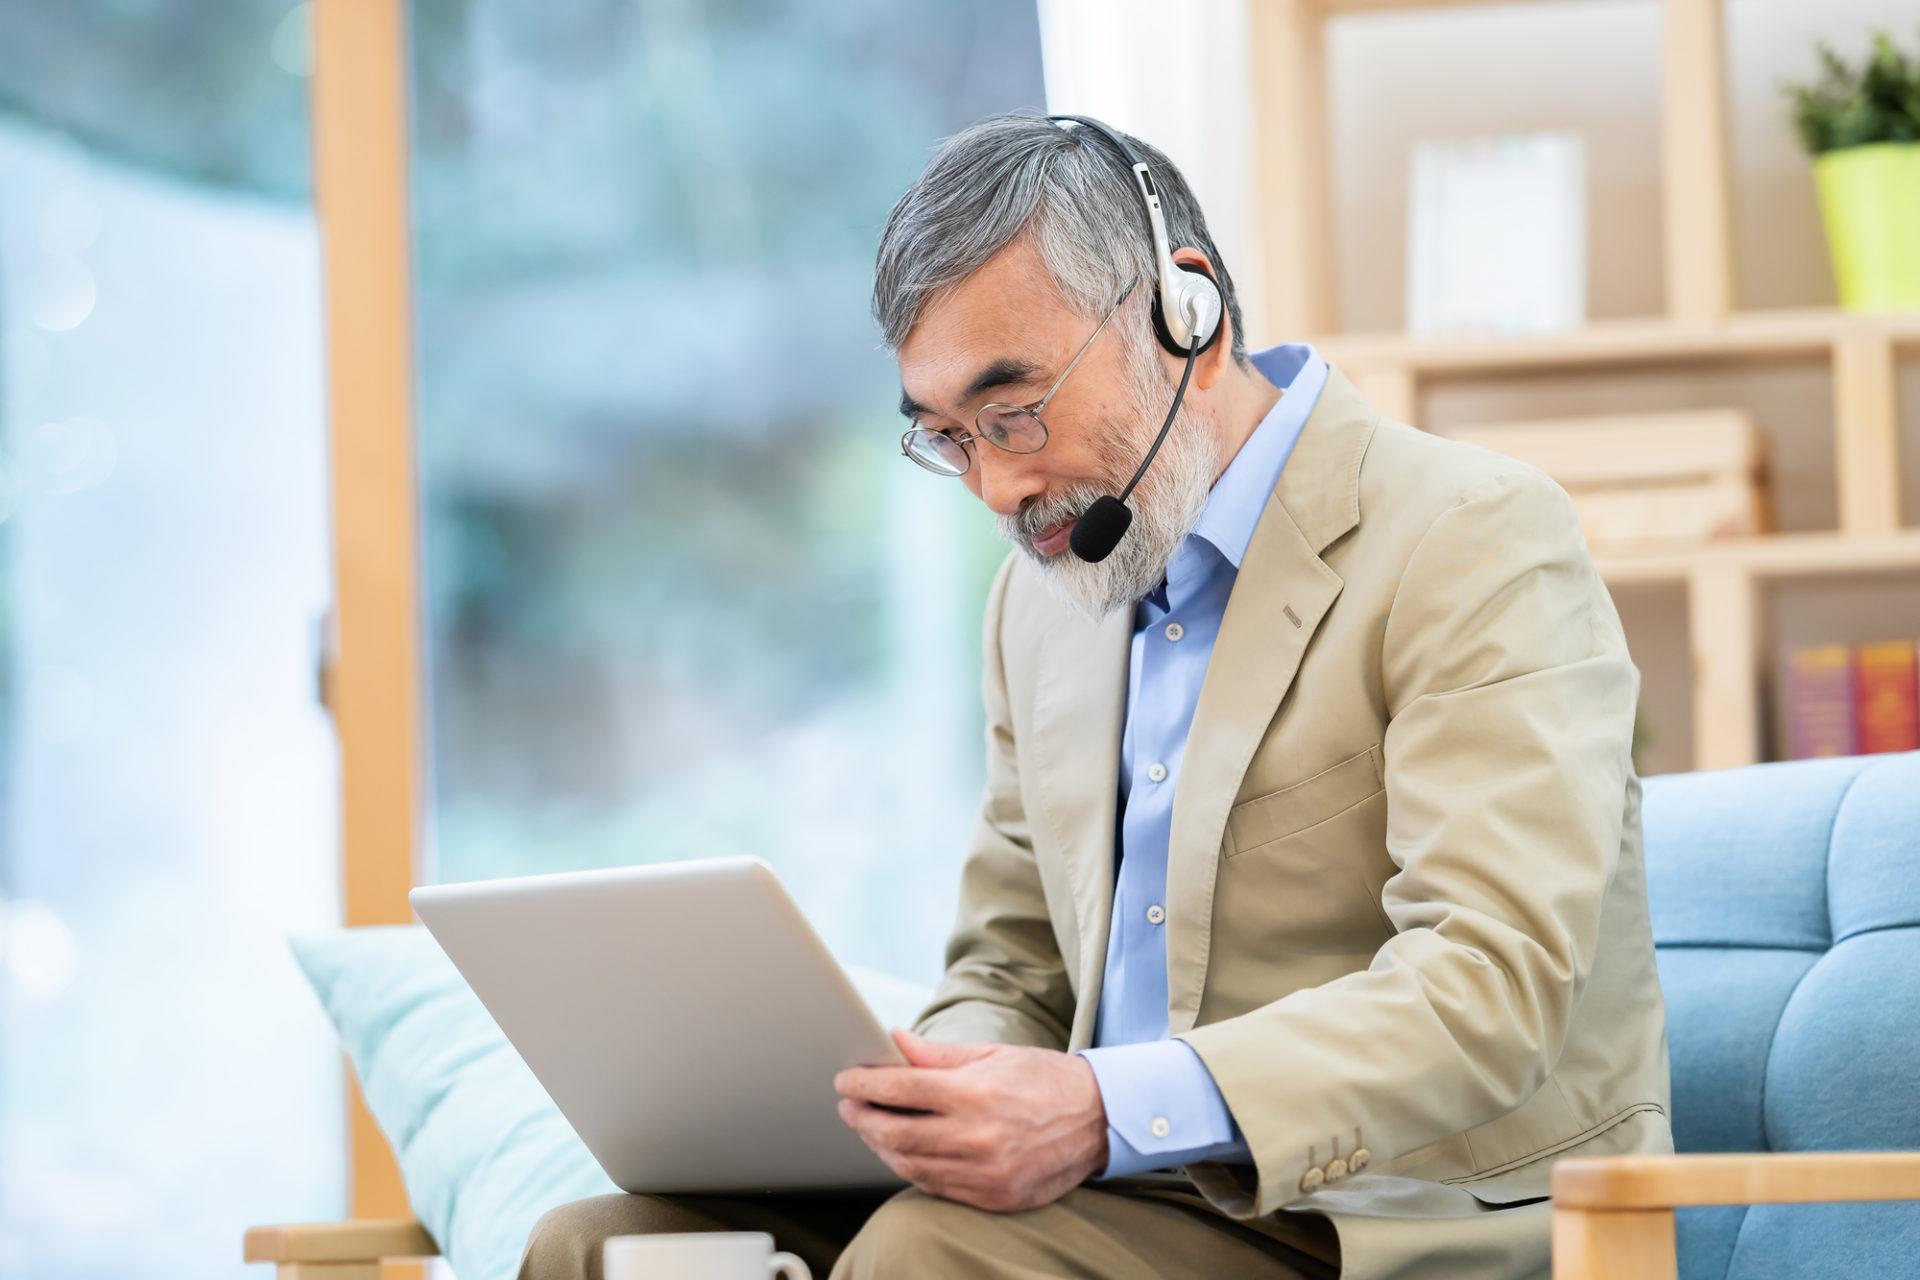 オンラインでプログラミングとデザインを学ぶ高齢者